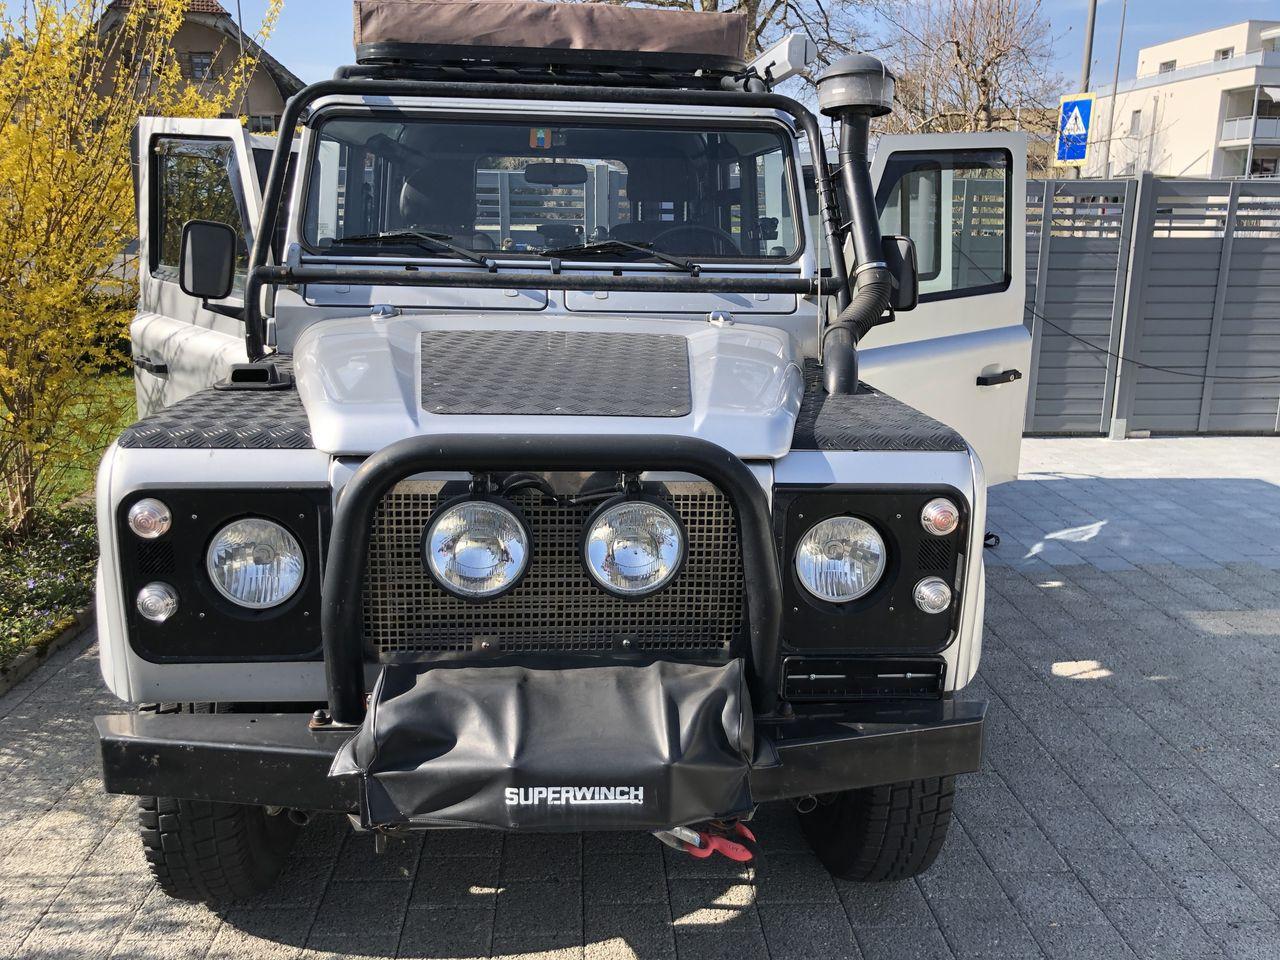 Land-Rover-Defender-110-Reisefahrzeug-mit-viel-Zubeh-r-zu-verkaufen